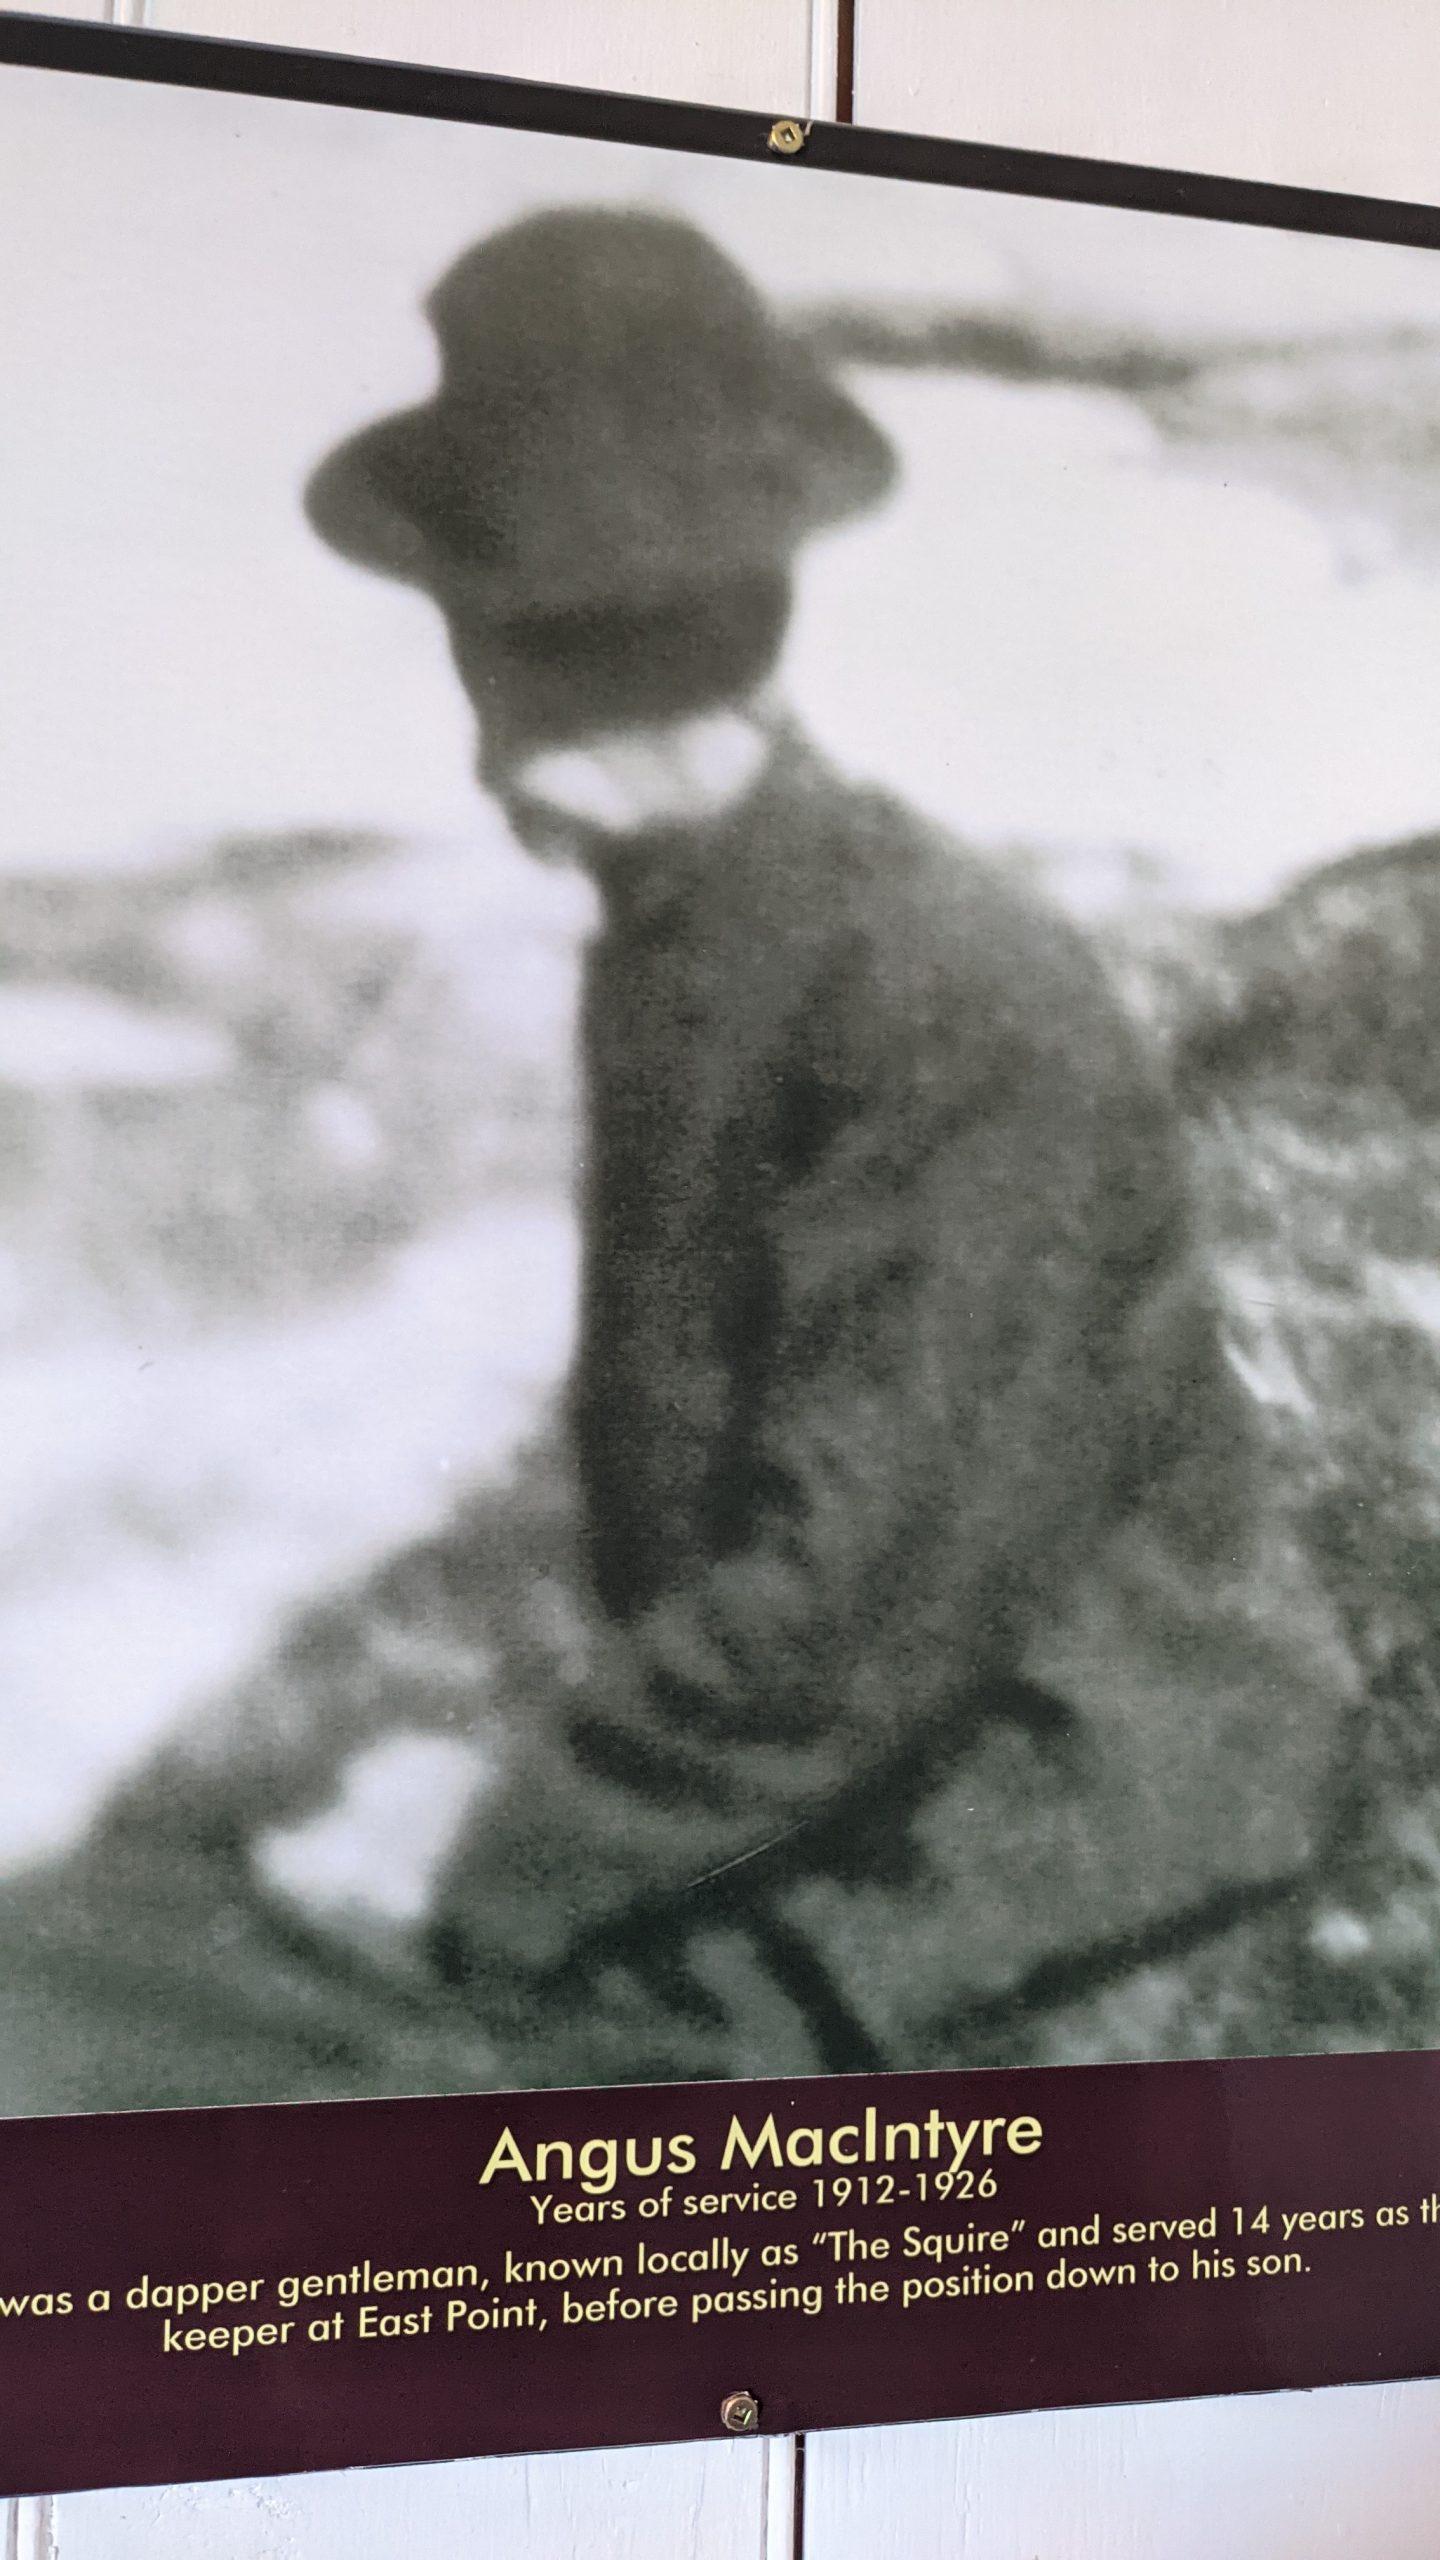 Angus MacIntyre (1912-1926)